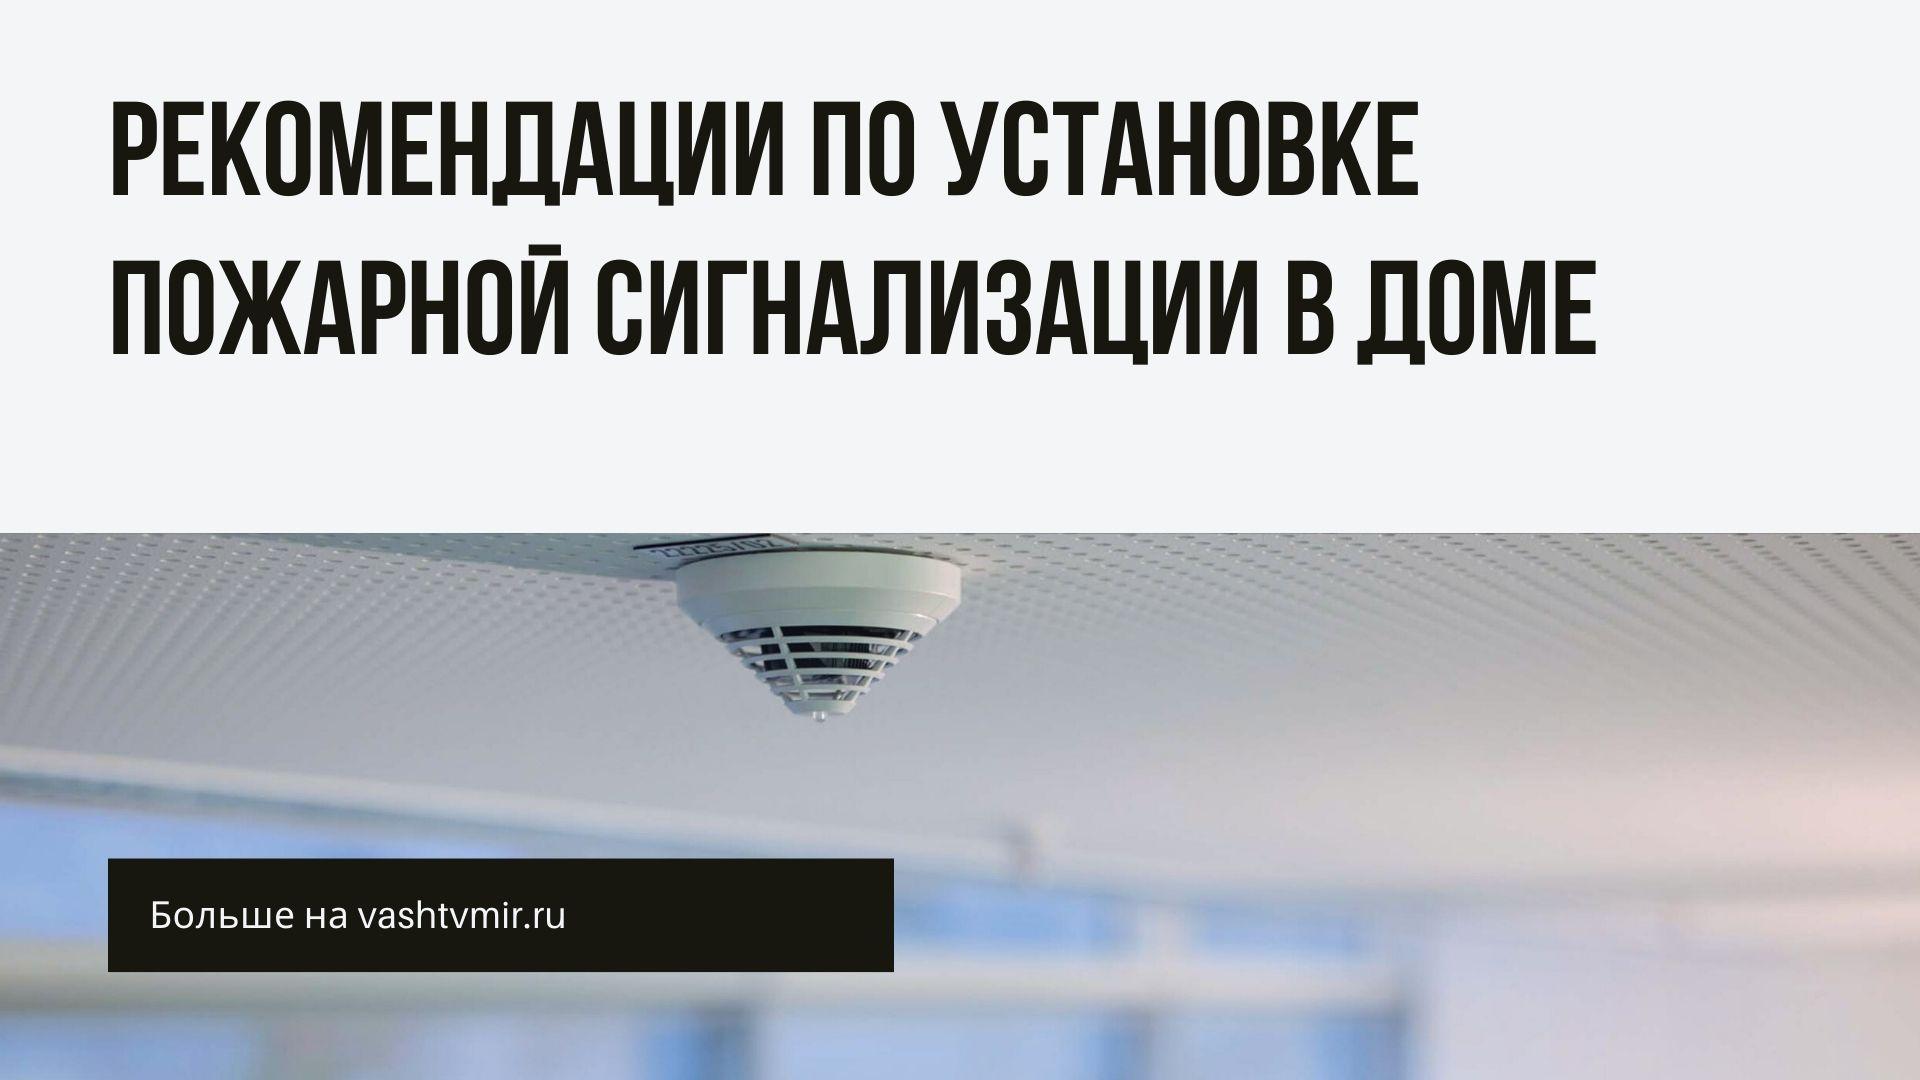 Рекомендации по установке пожарной сигнализации в доме